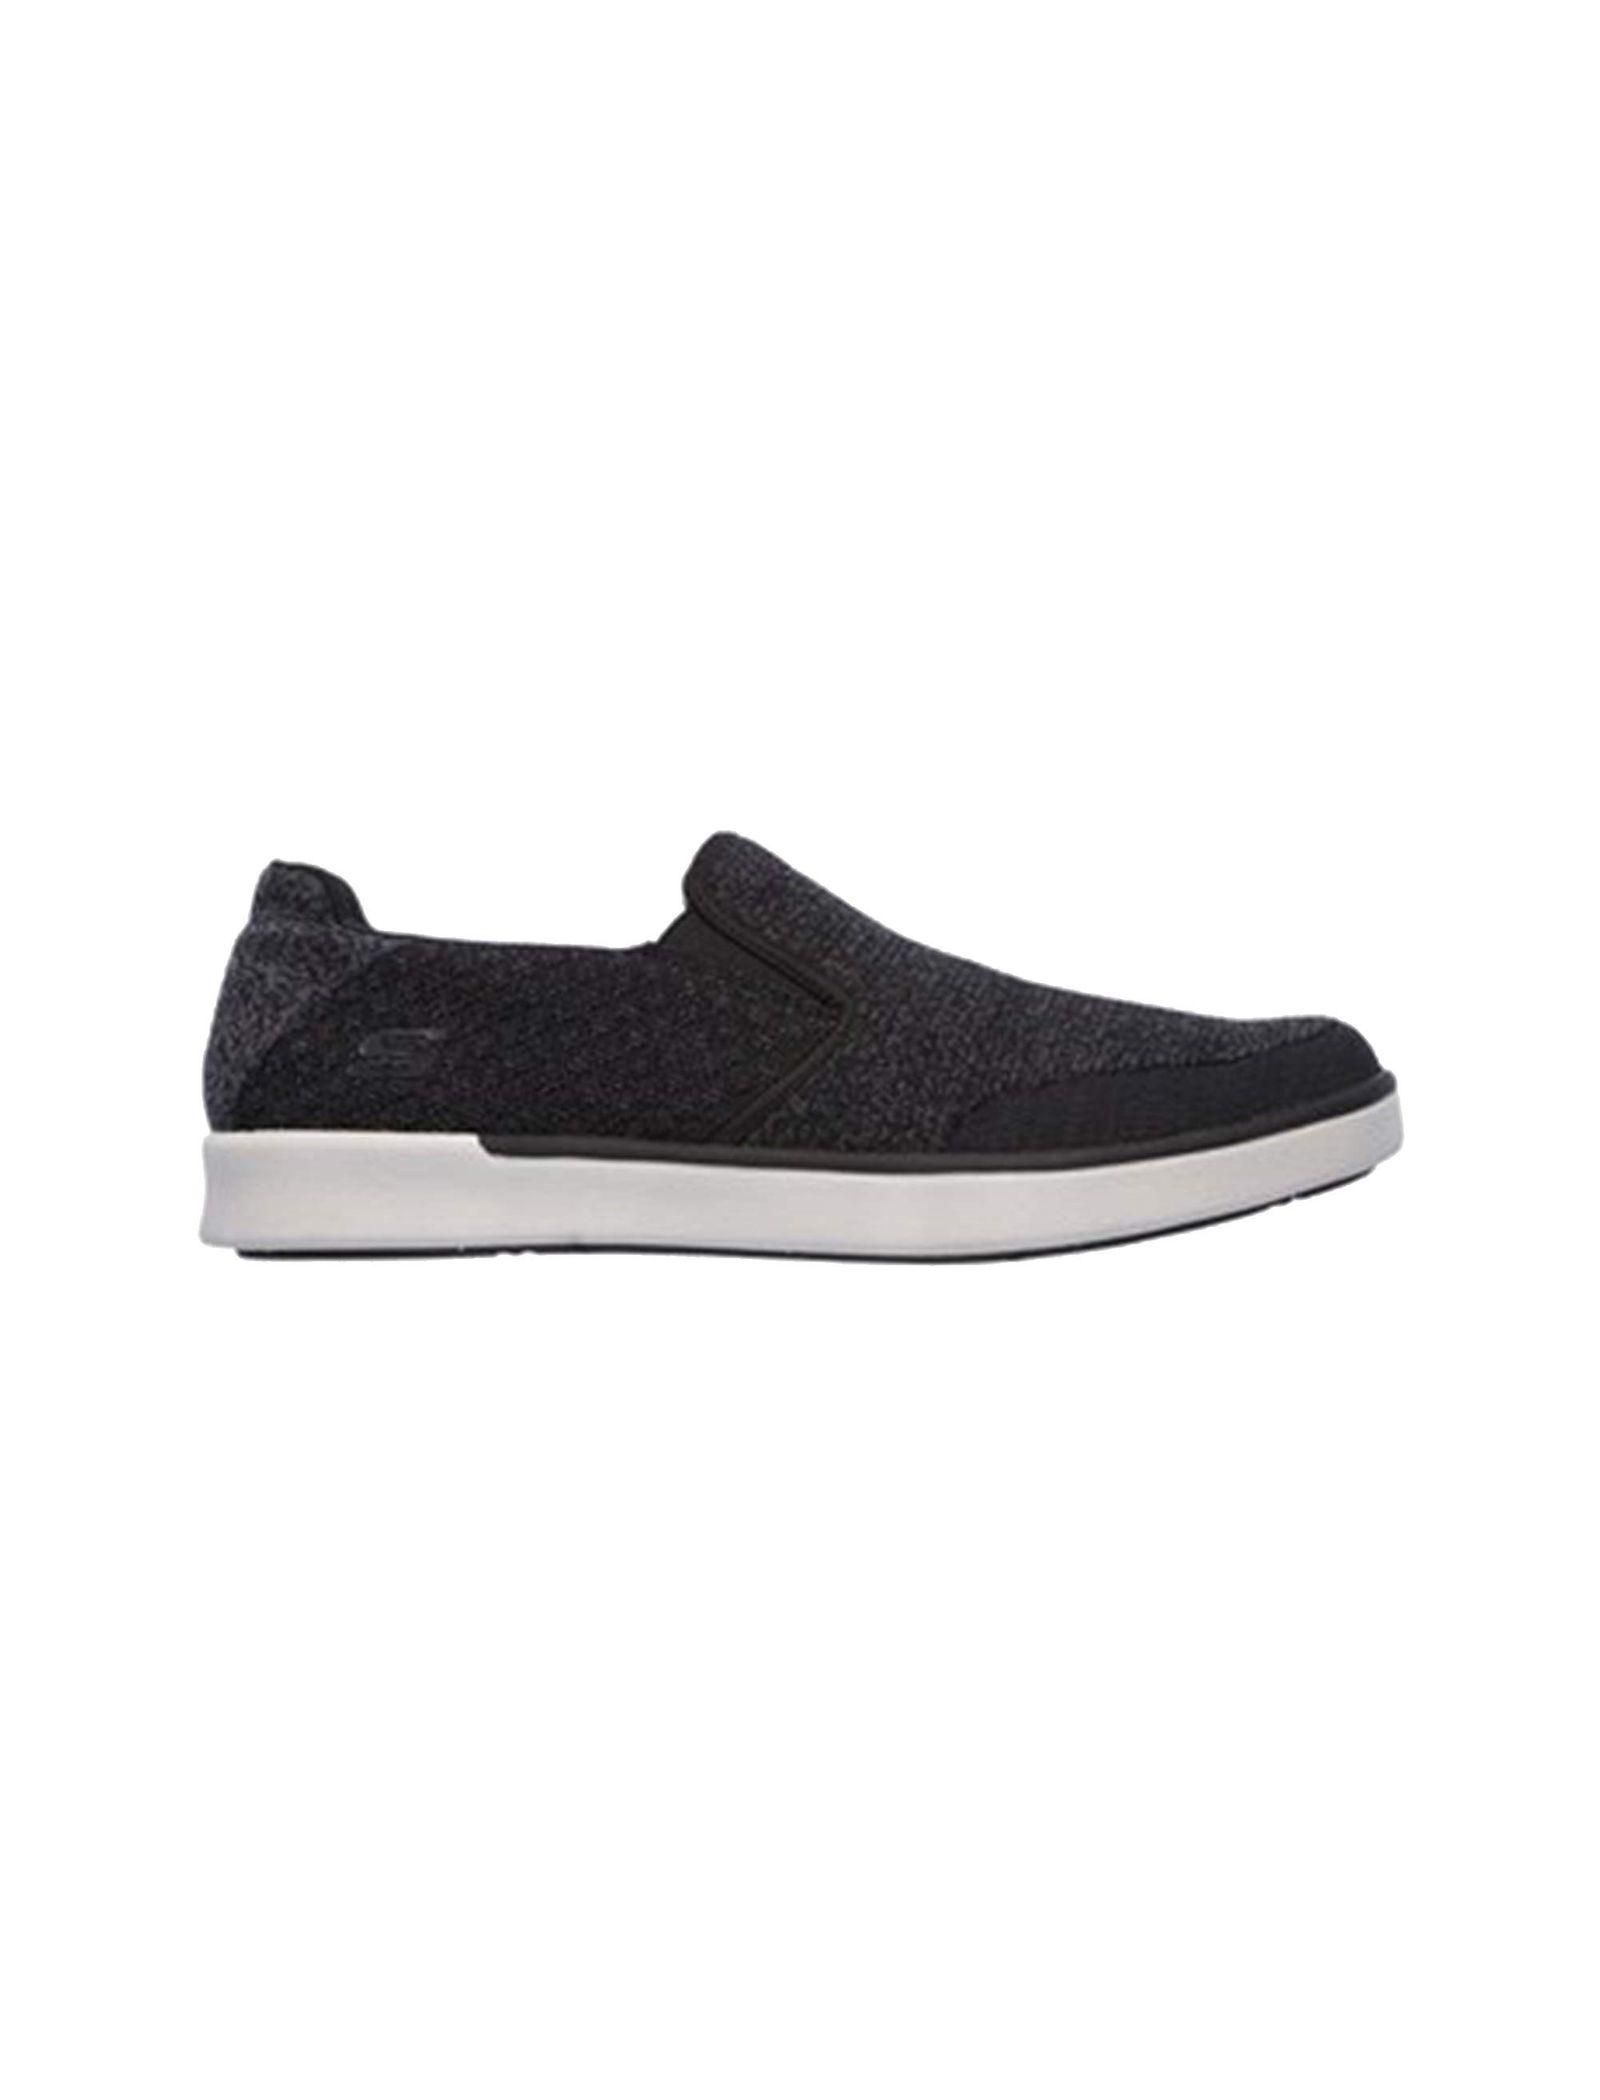 کفش راحتی پارچه ای مردانه Boyar Meber - اسکچرز - مشکي - 1